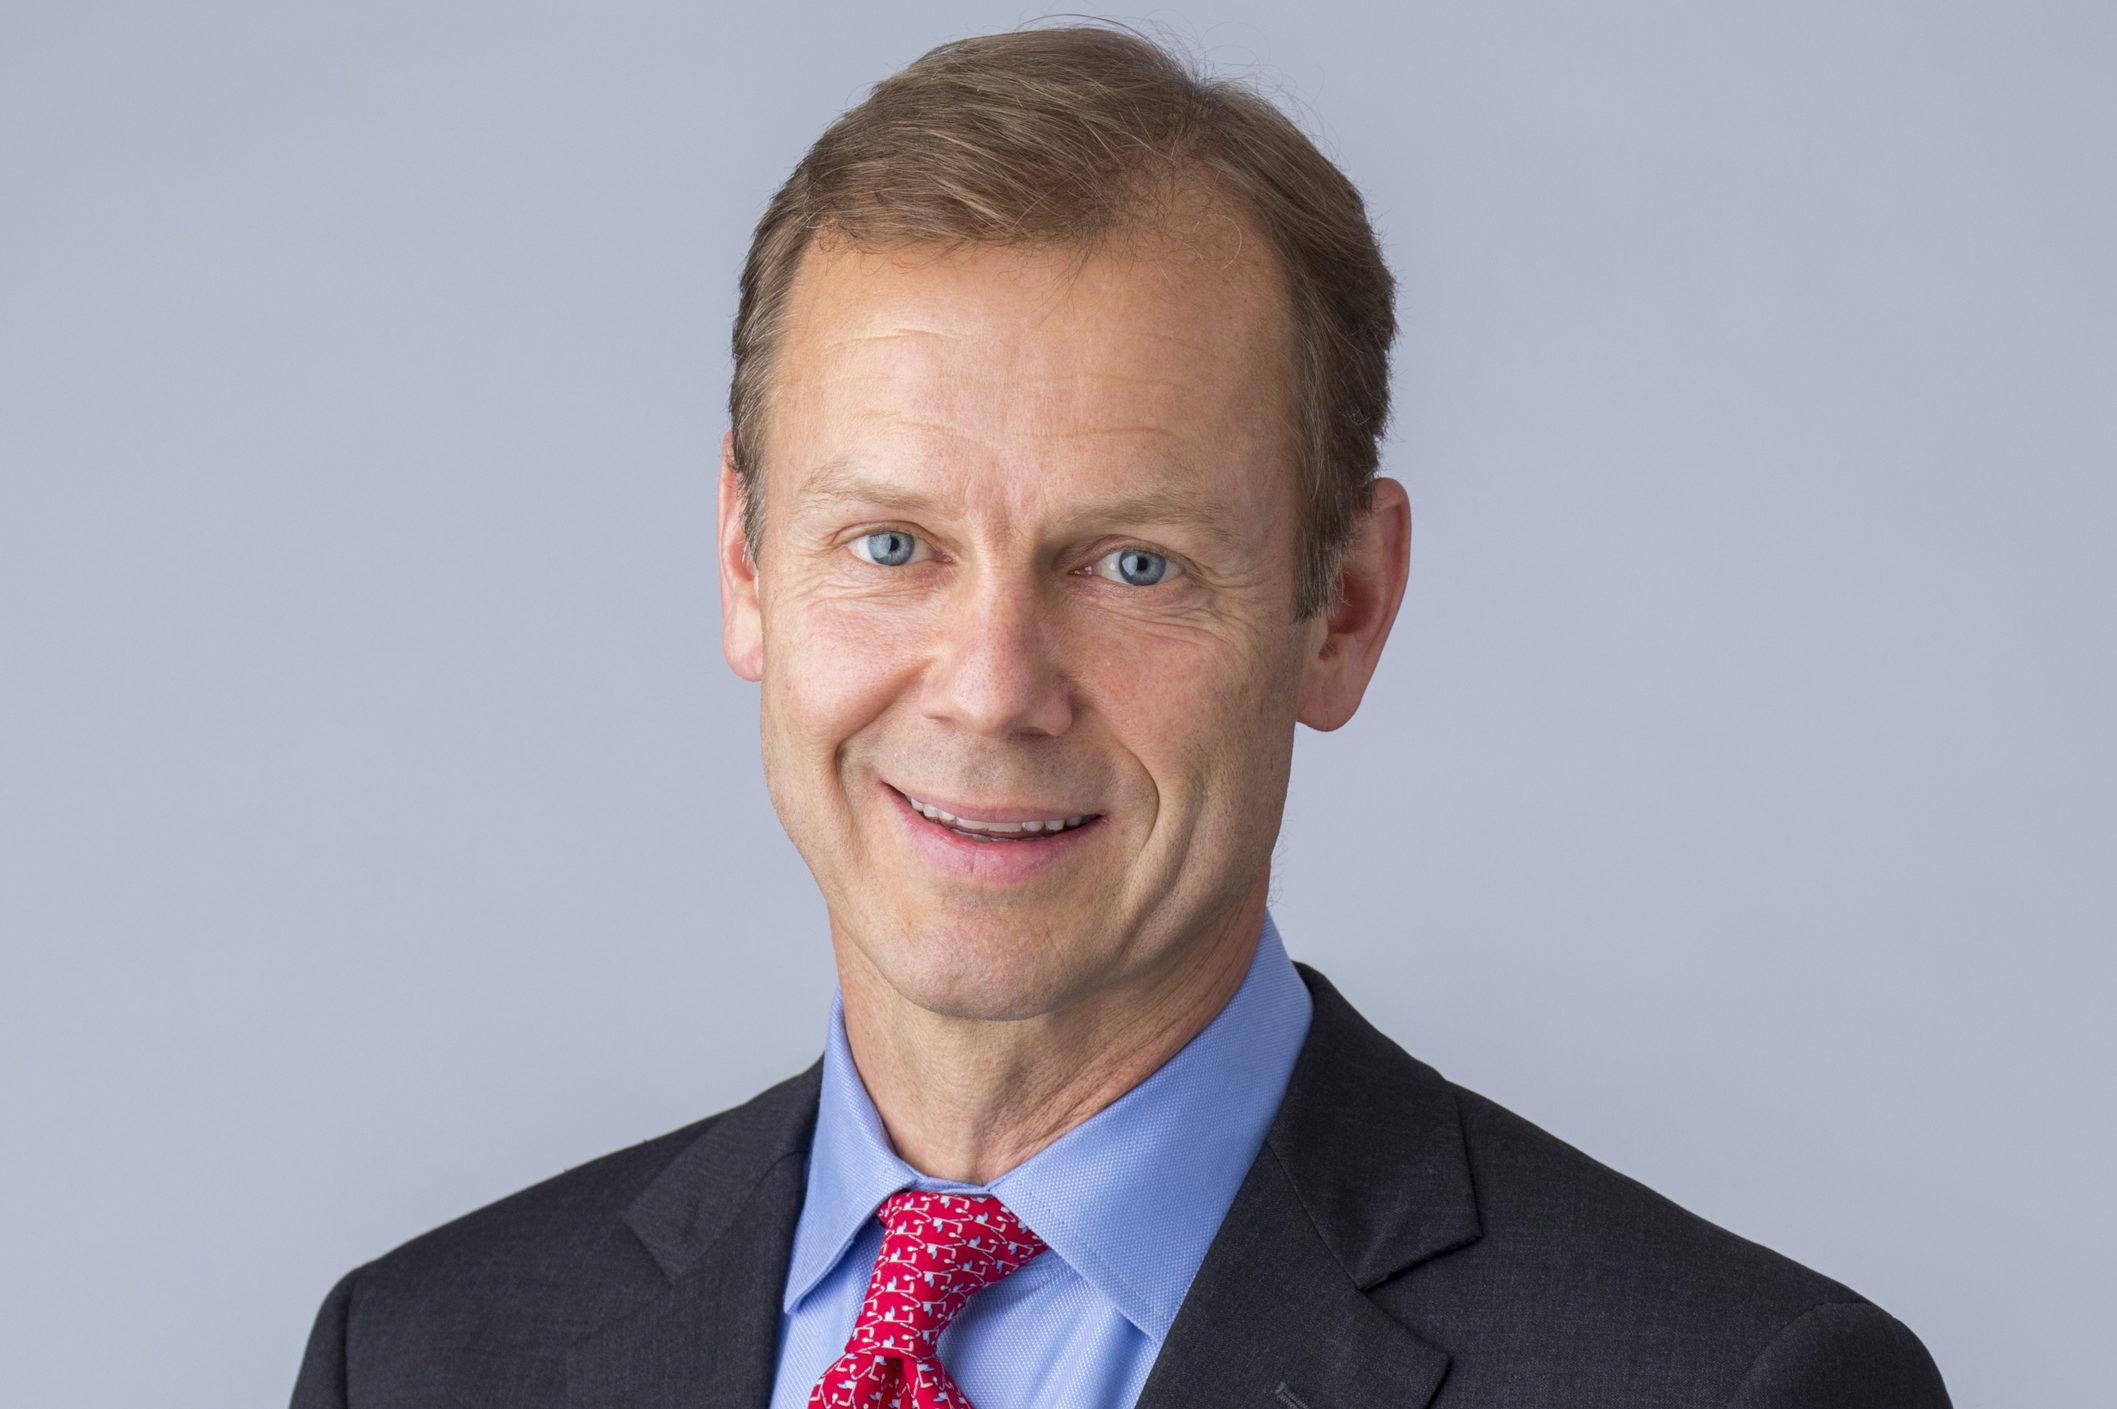 Herman Laret